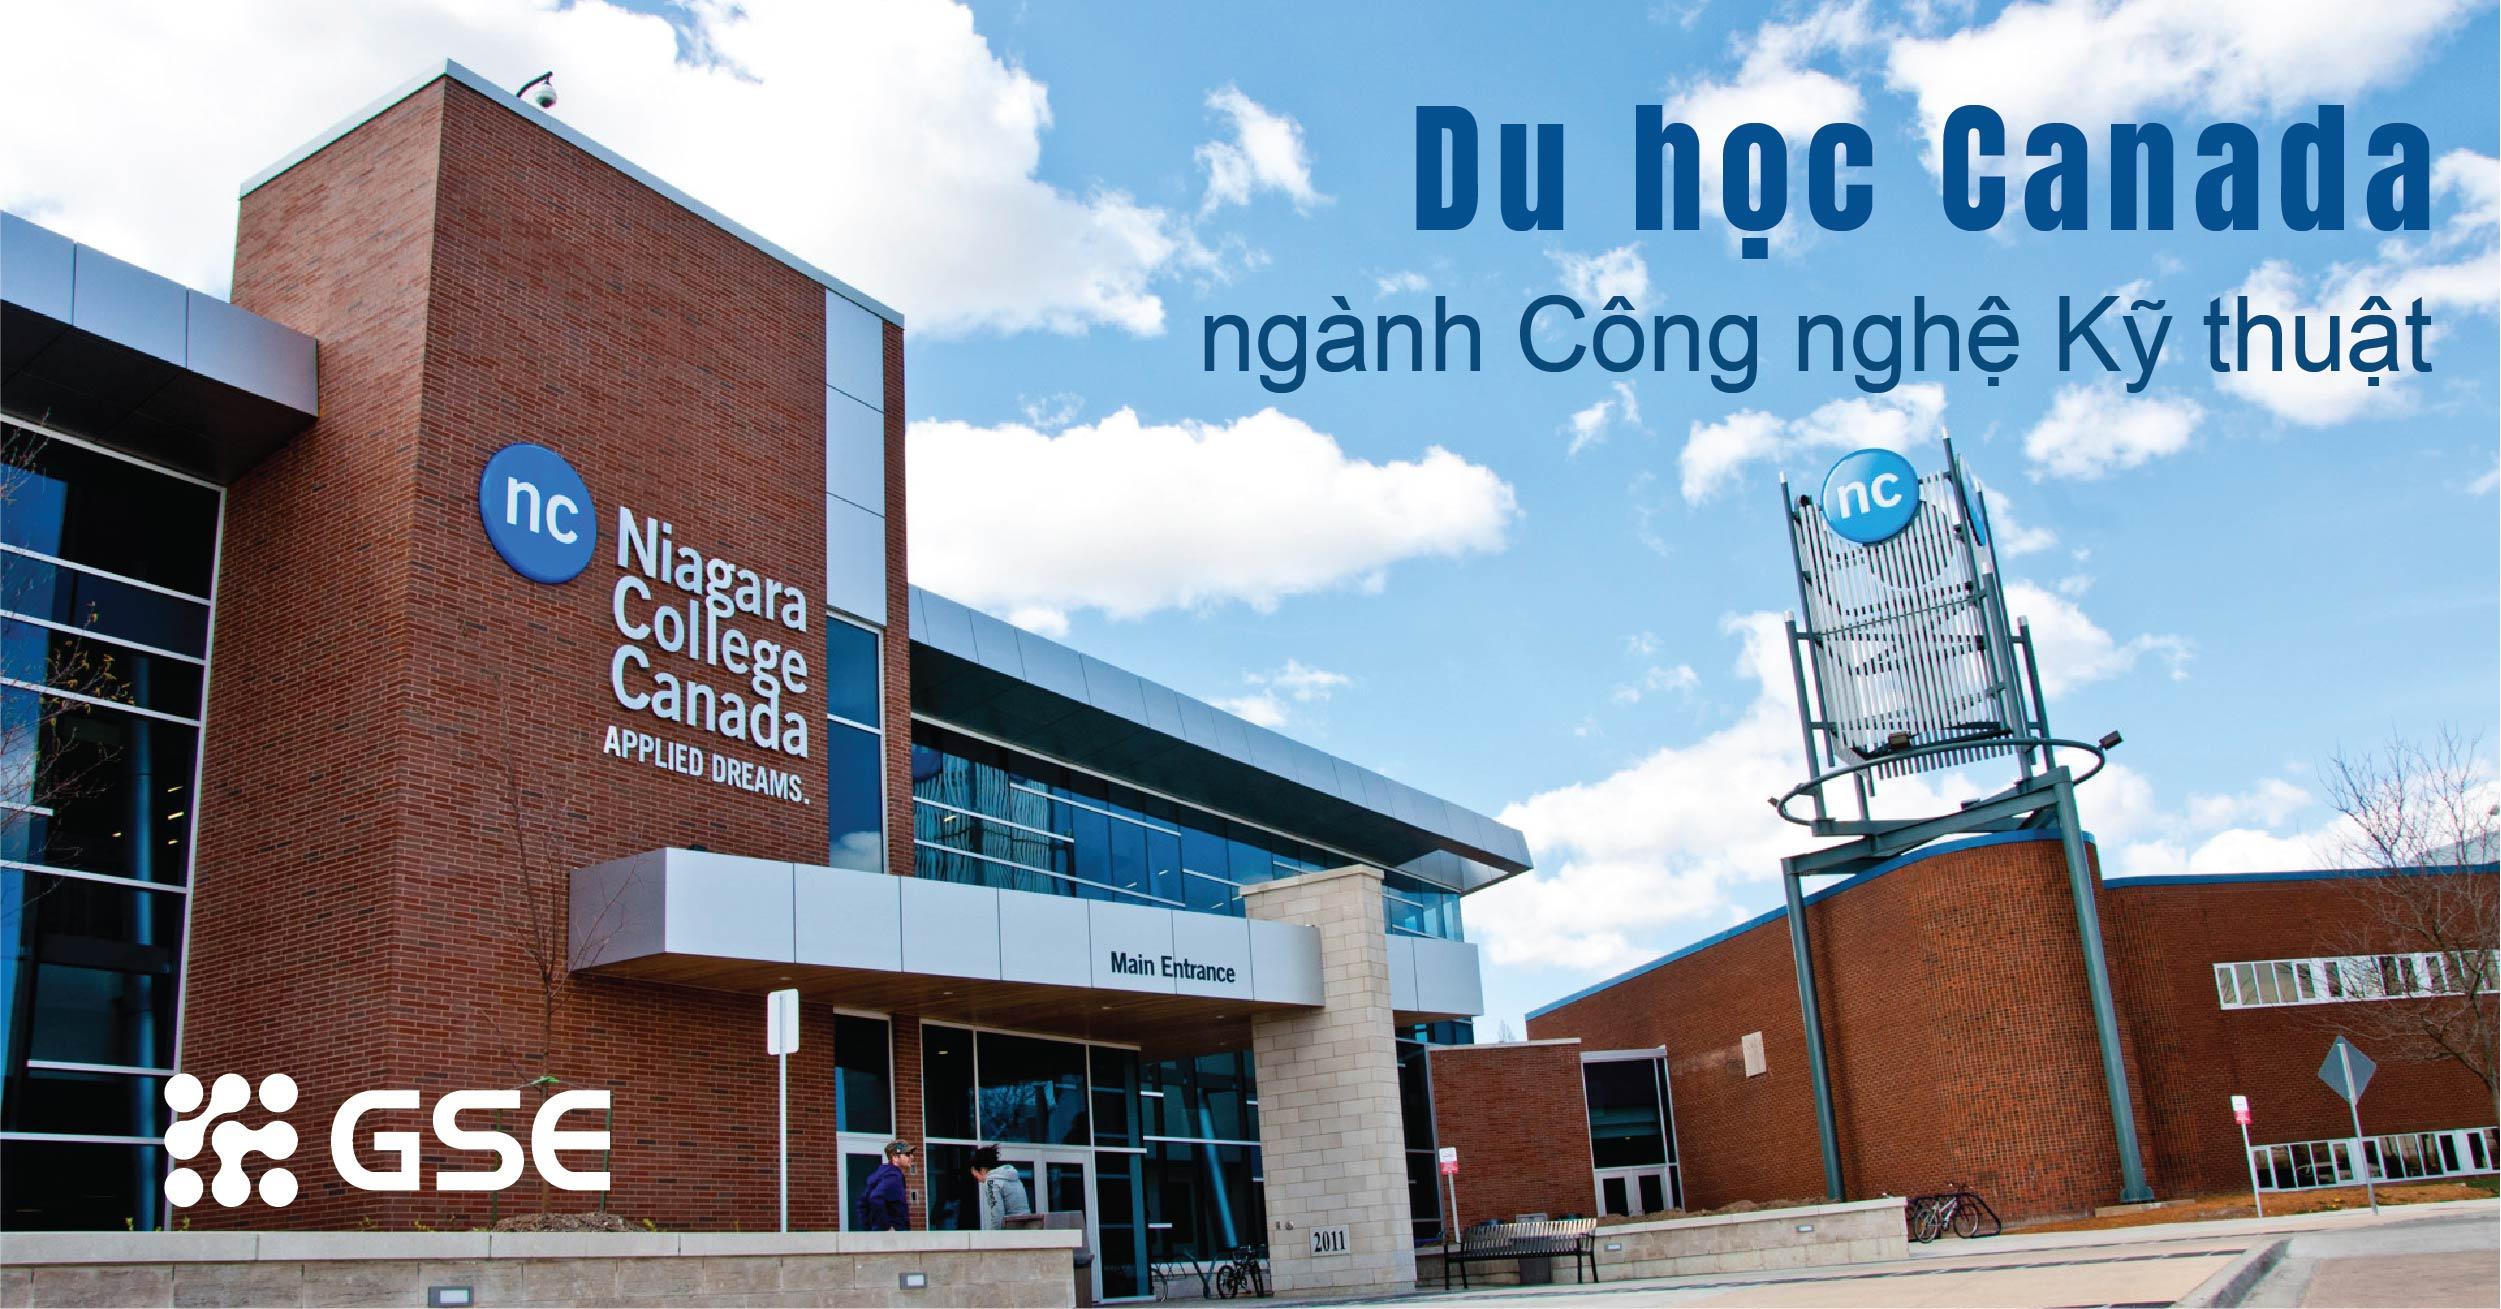 Du Hoc Canada Niagara College 06